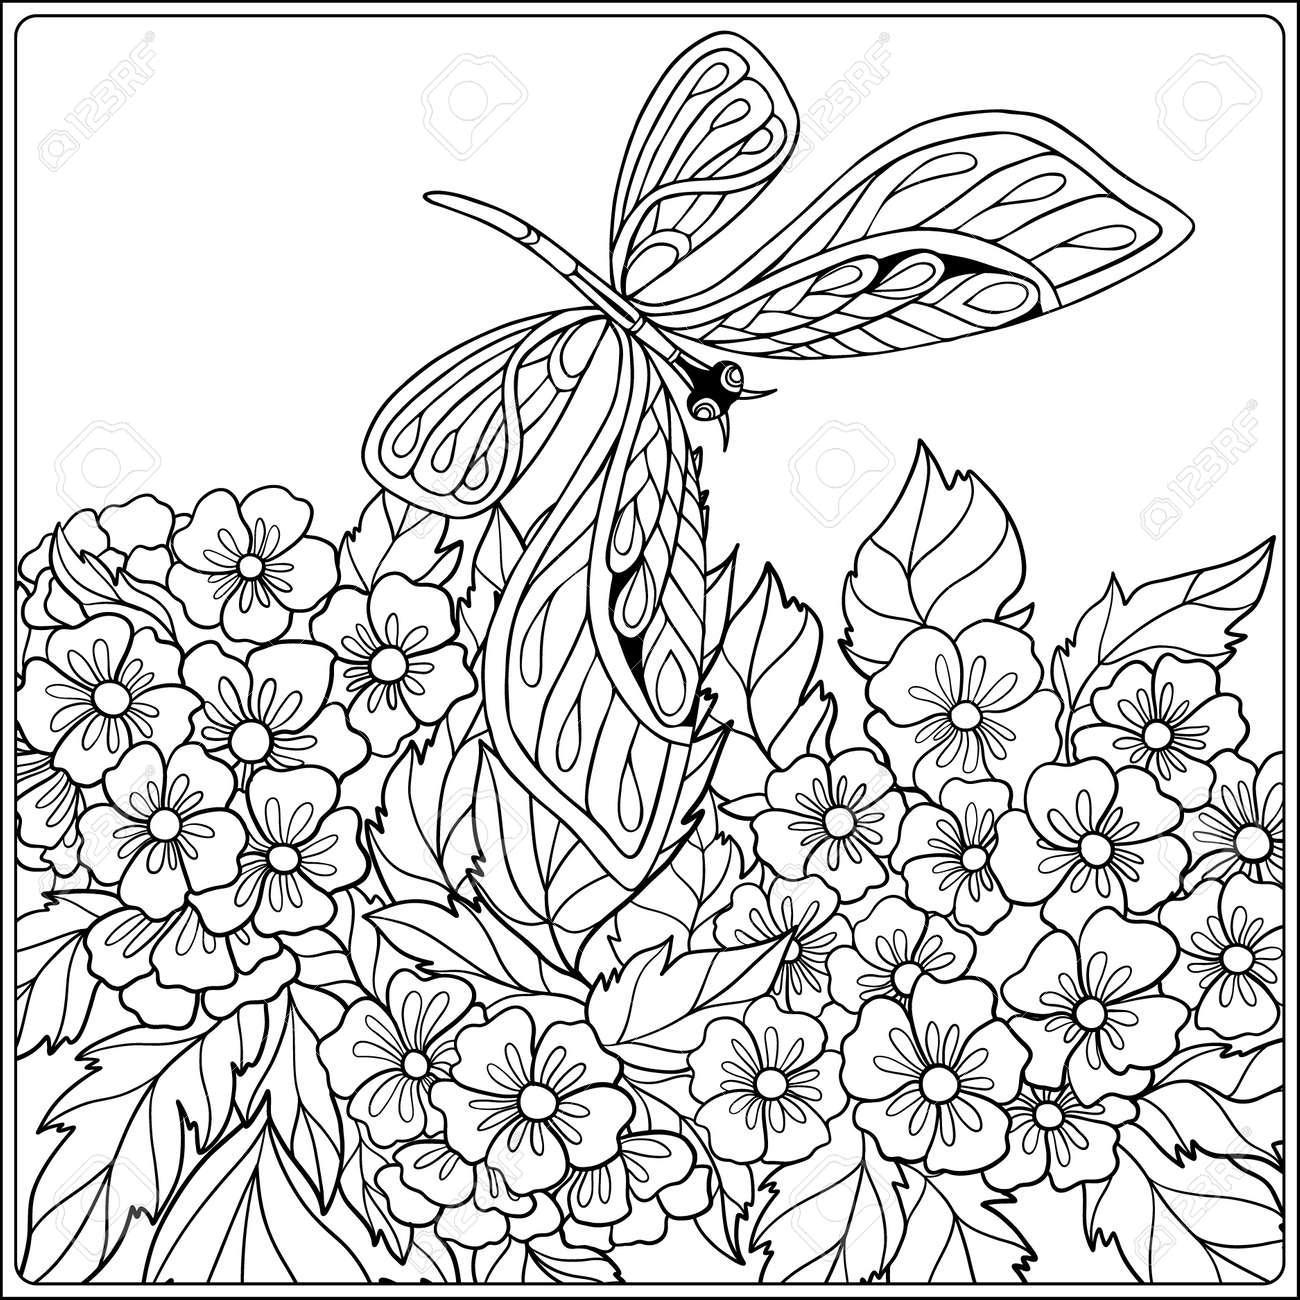 Atemberaubend Malvorlagen Schmetterlinge Und Blumen Zeitgen Ssisch